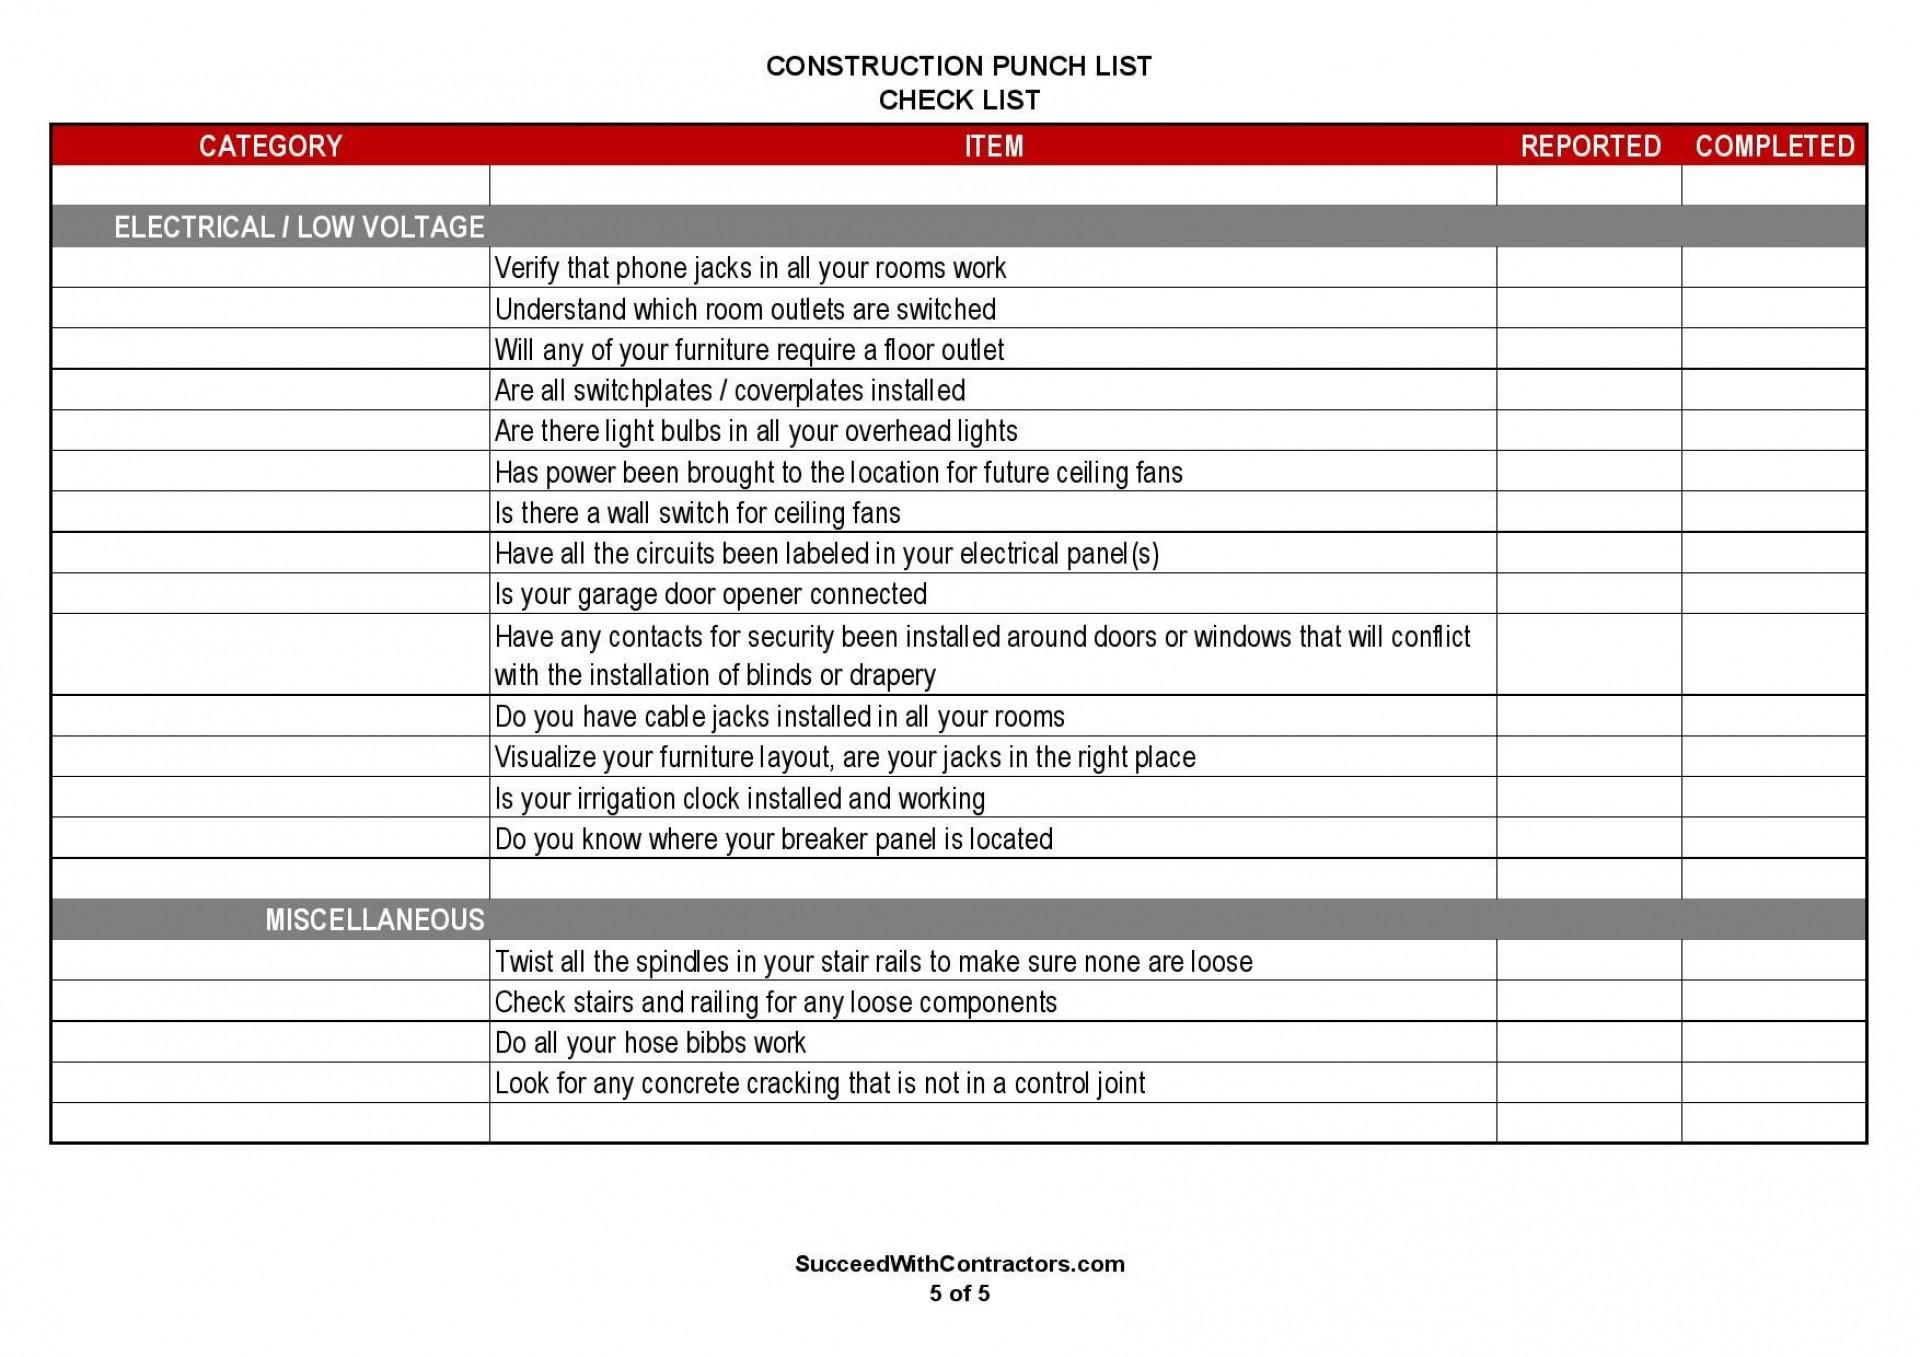 001 Marvelou Construction Punch List Template Xl Concept  Xls1920